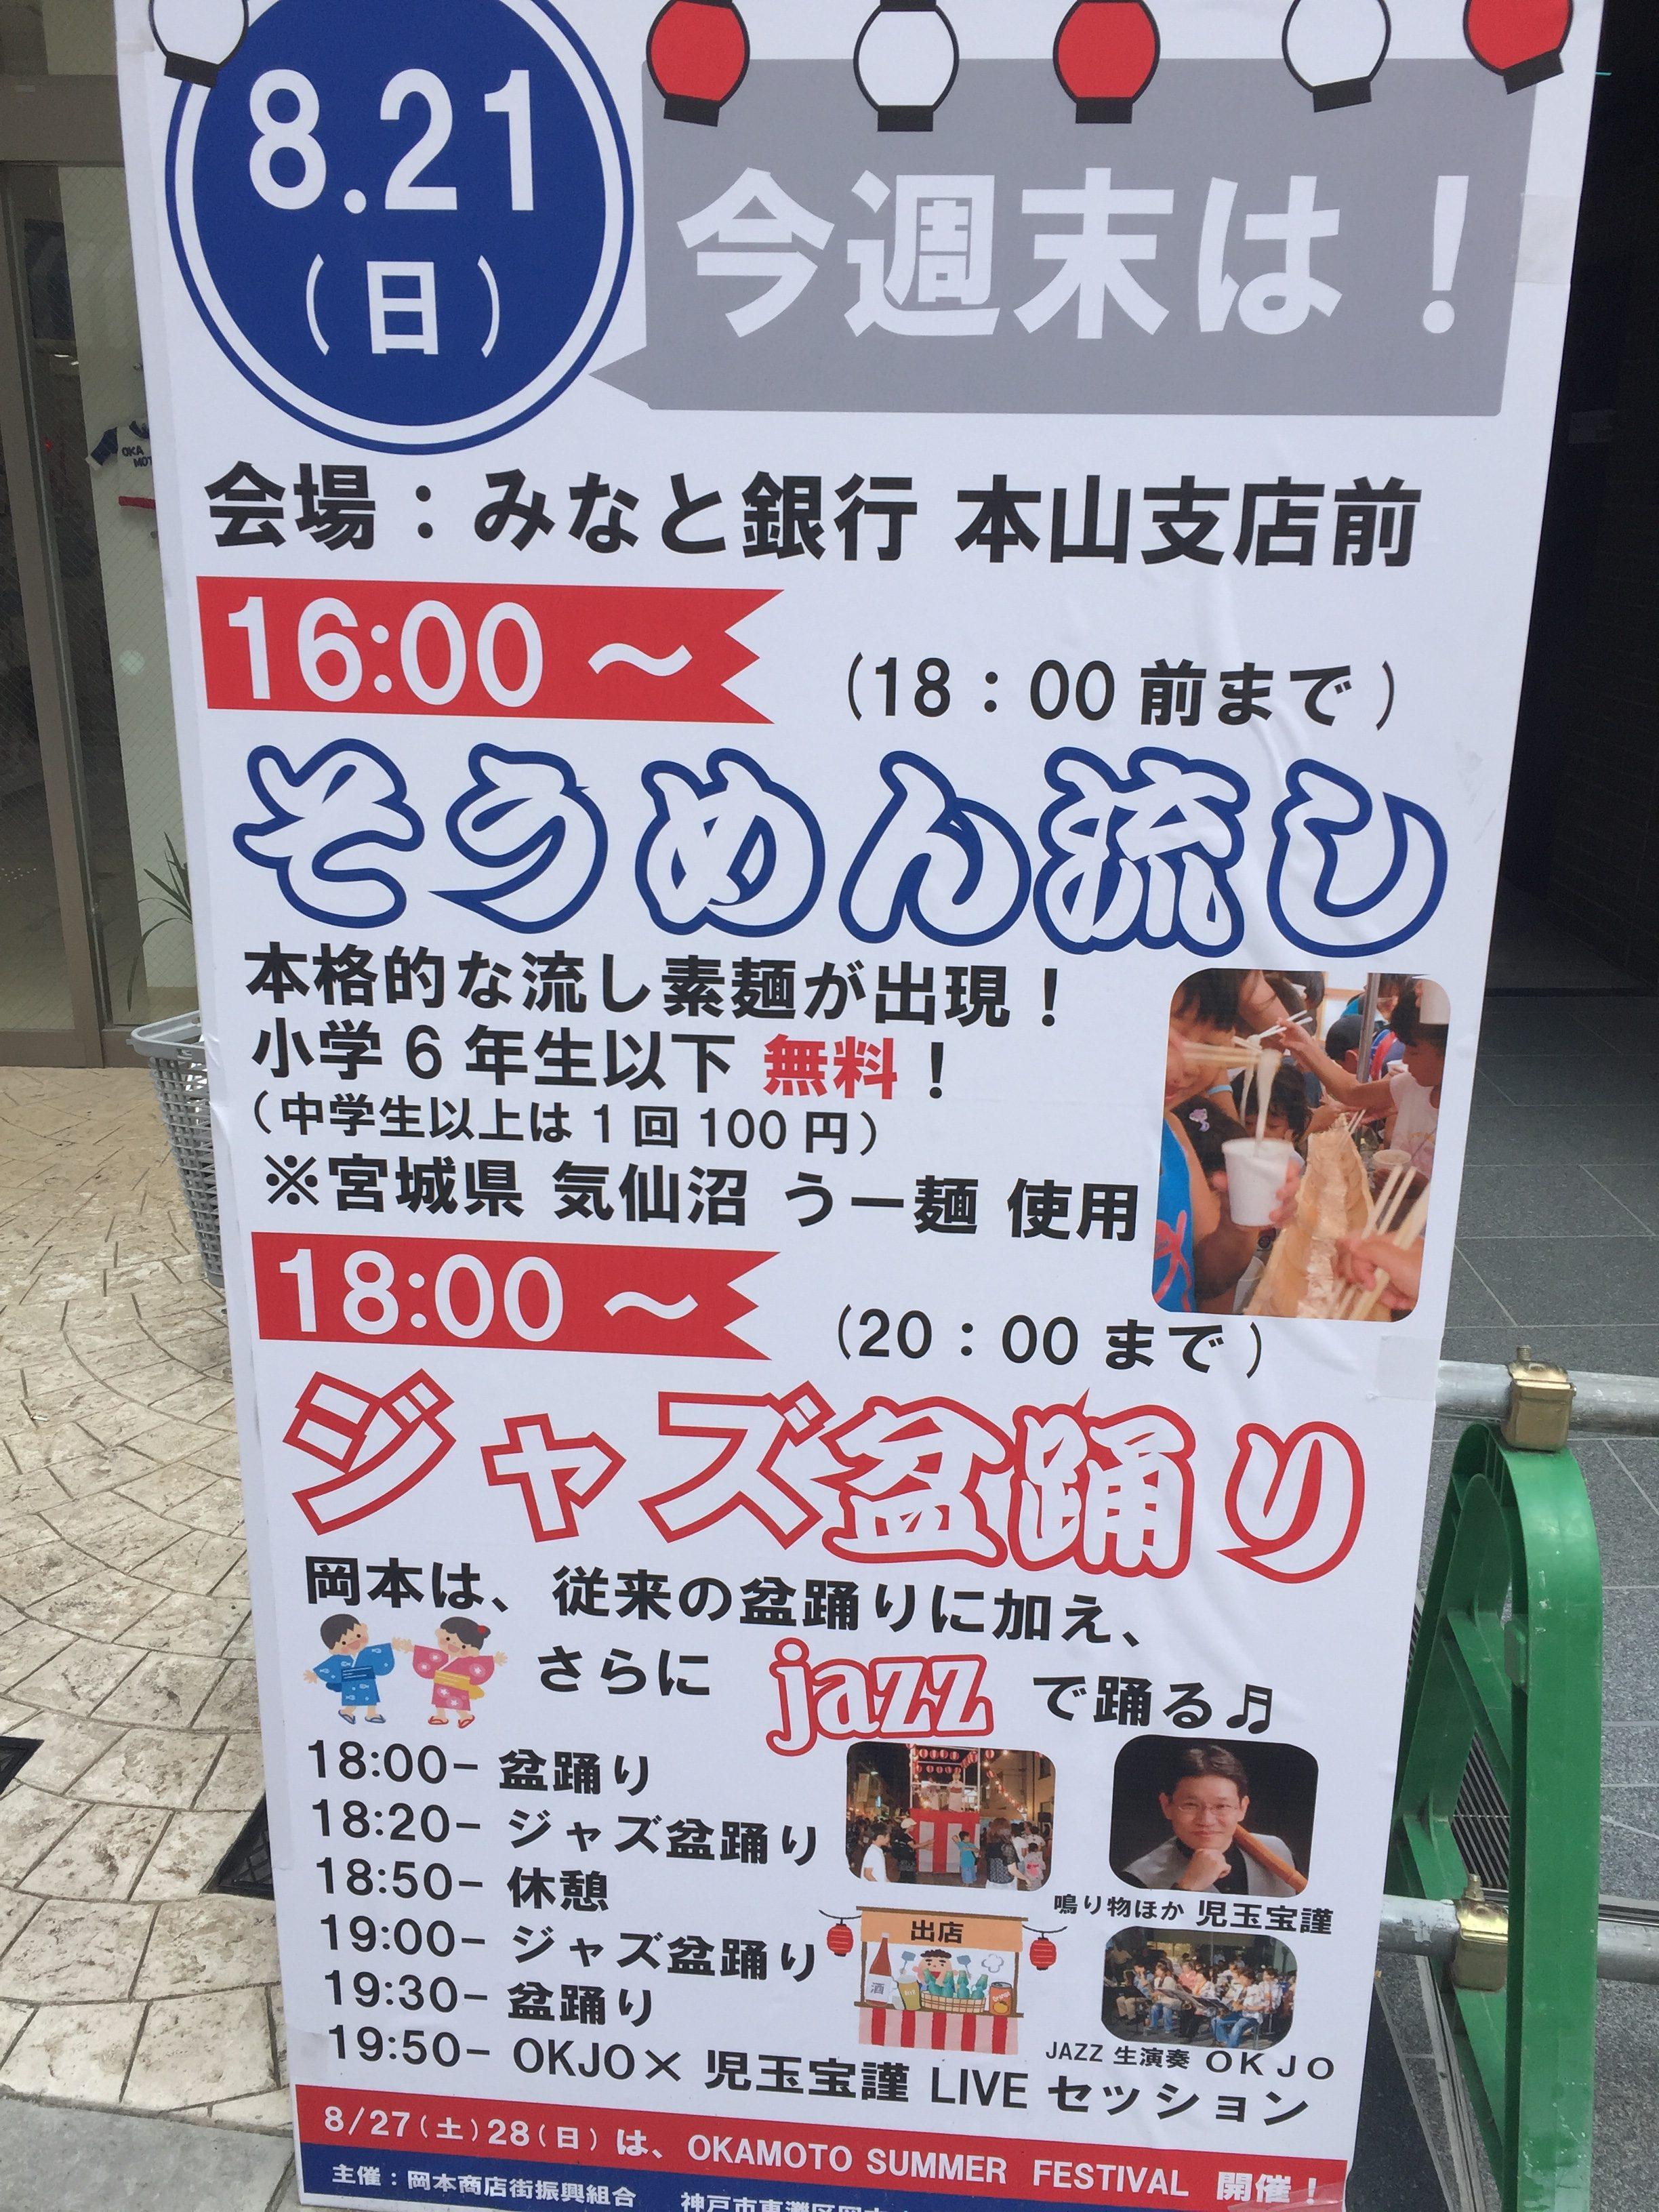 岡本サマーフェスティバル2016が8/21(日)・8/27(土)・8/28(日)に開催!【※写真レポ追加あり※】